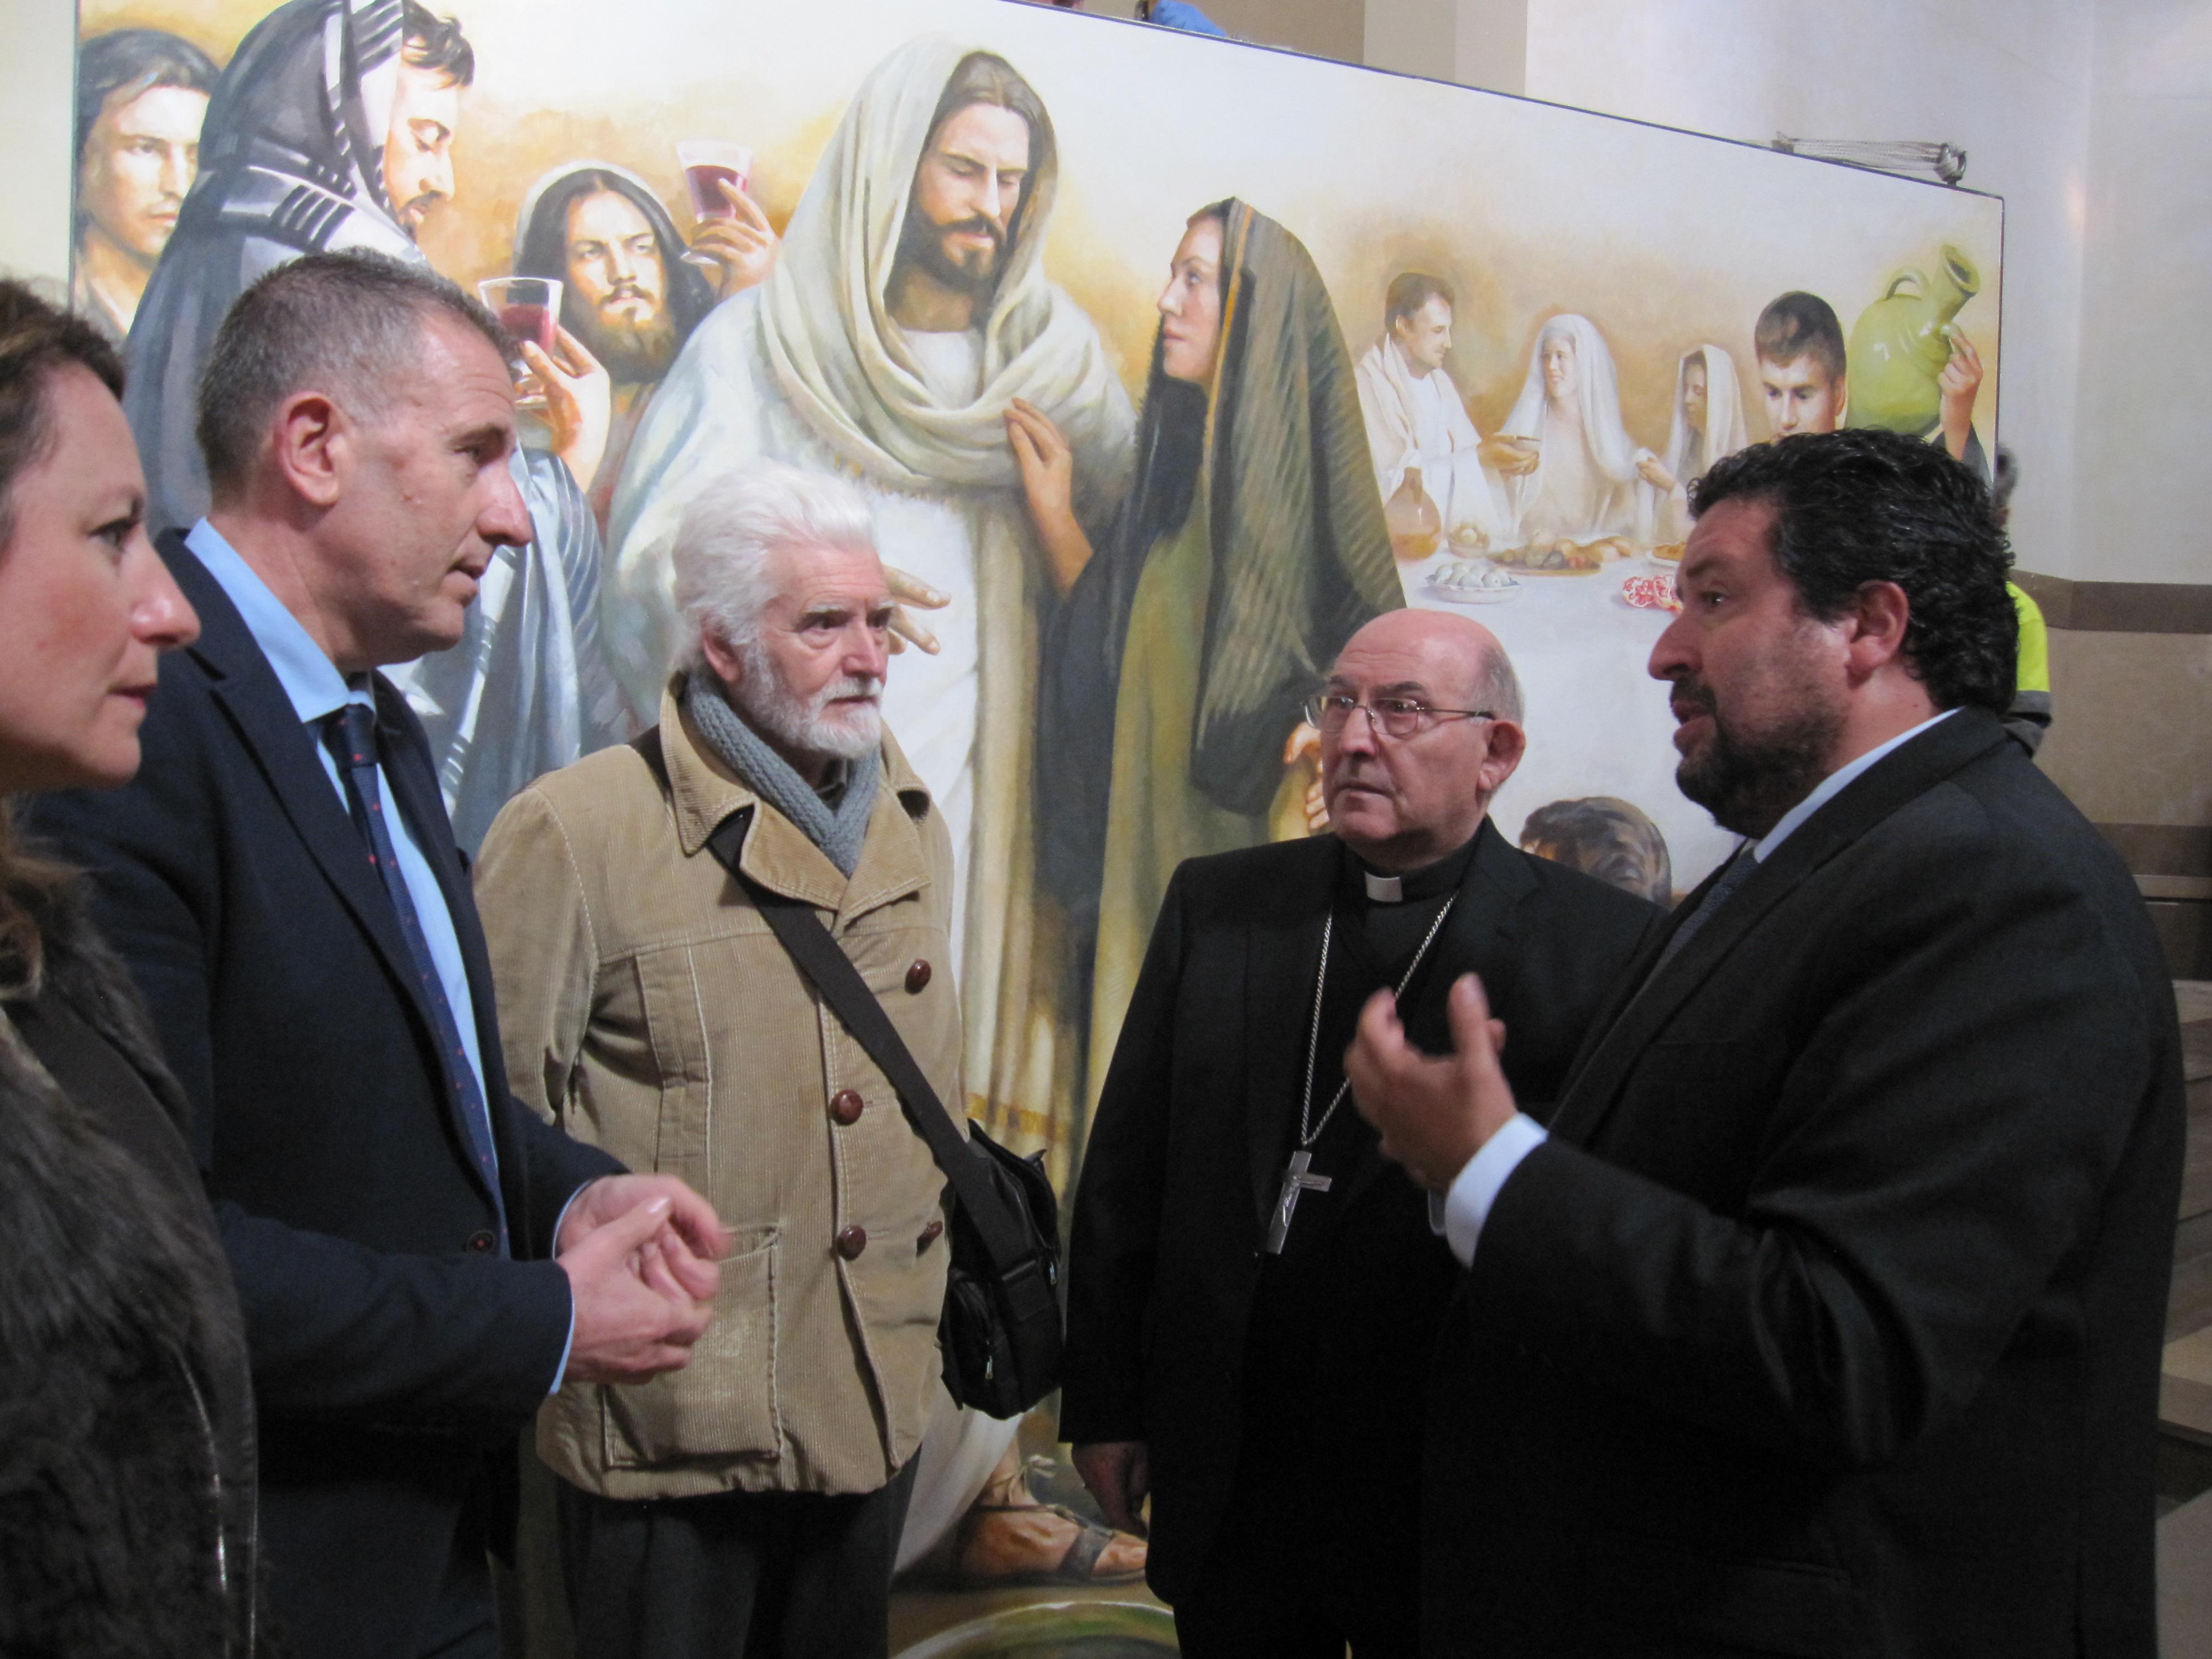 El cuadro Bodas de Caná, junto con el pintor Traver Calzada, el presidente de la Diputación Sr. Moliner, el  vicepresidente Sr. Sales y el obispo Don Casimiro.